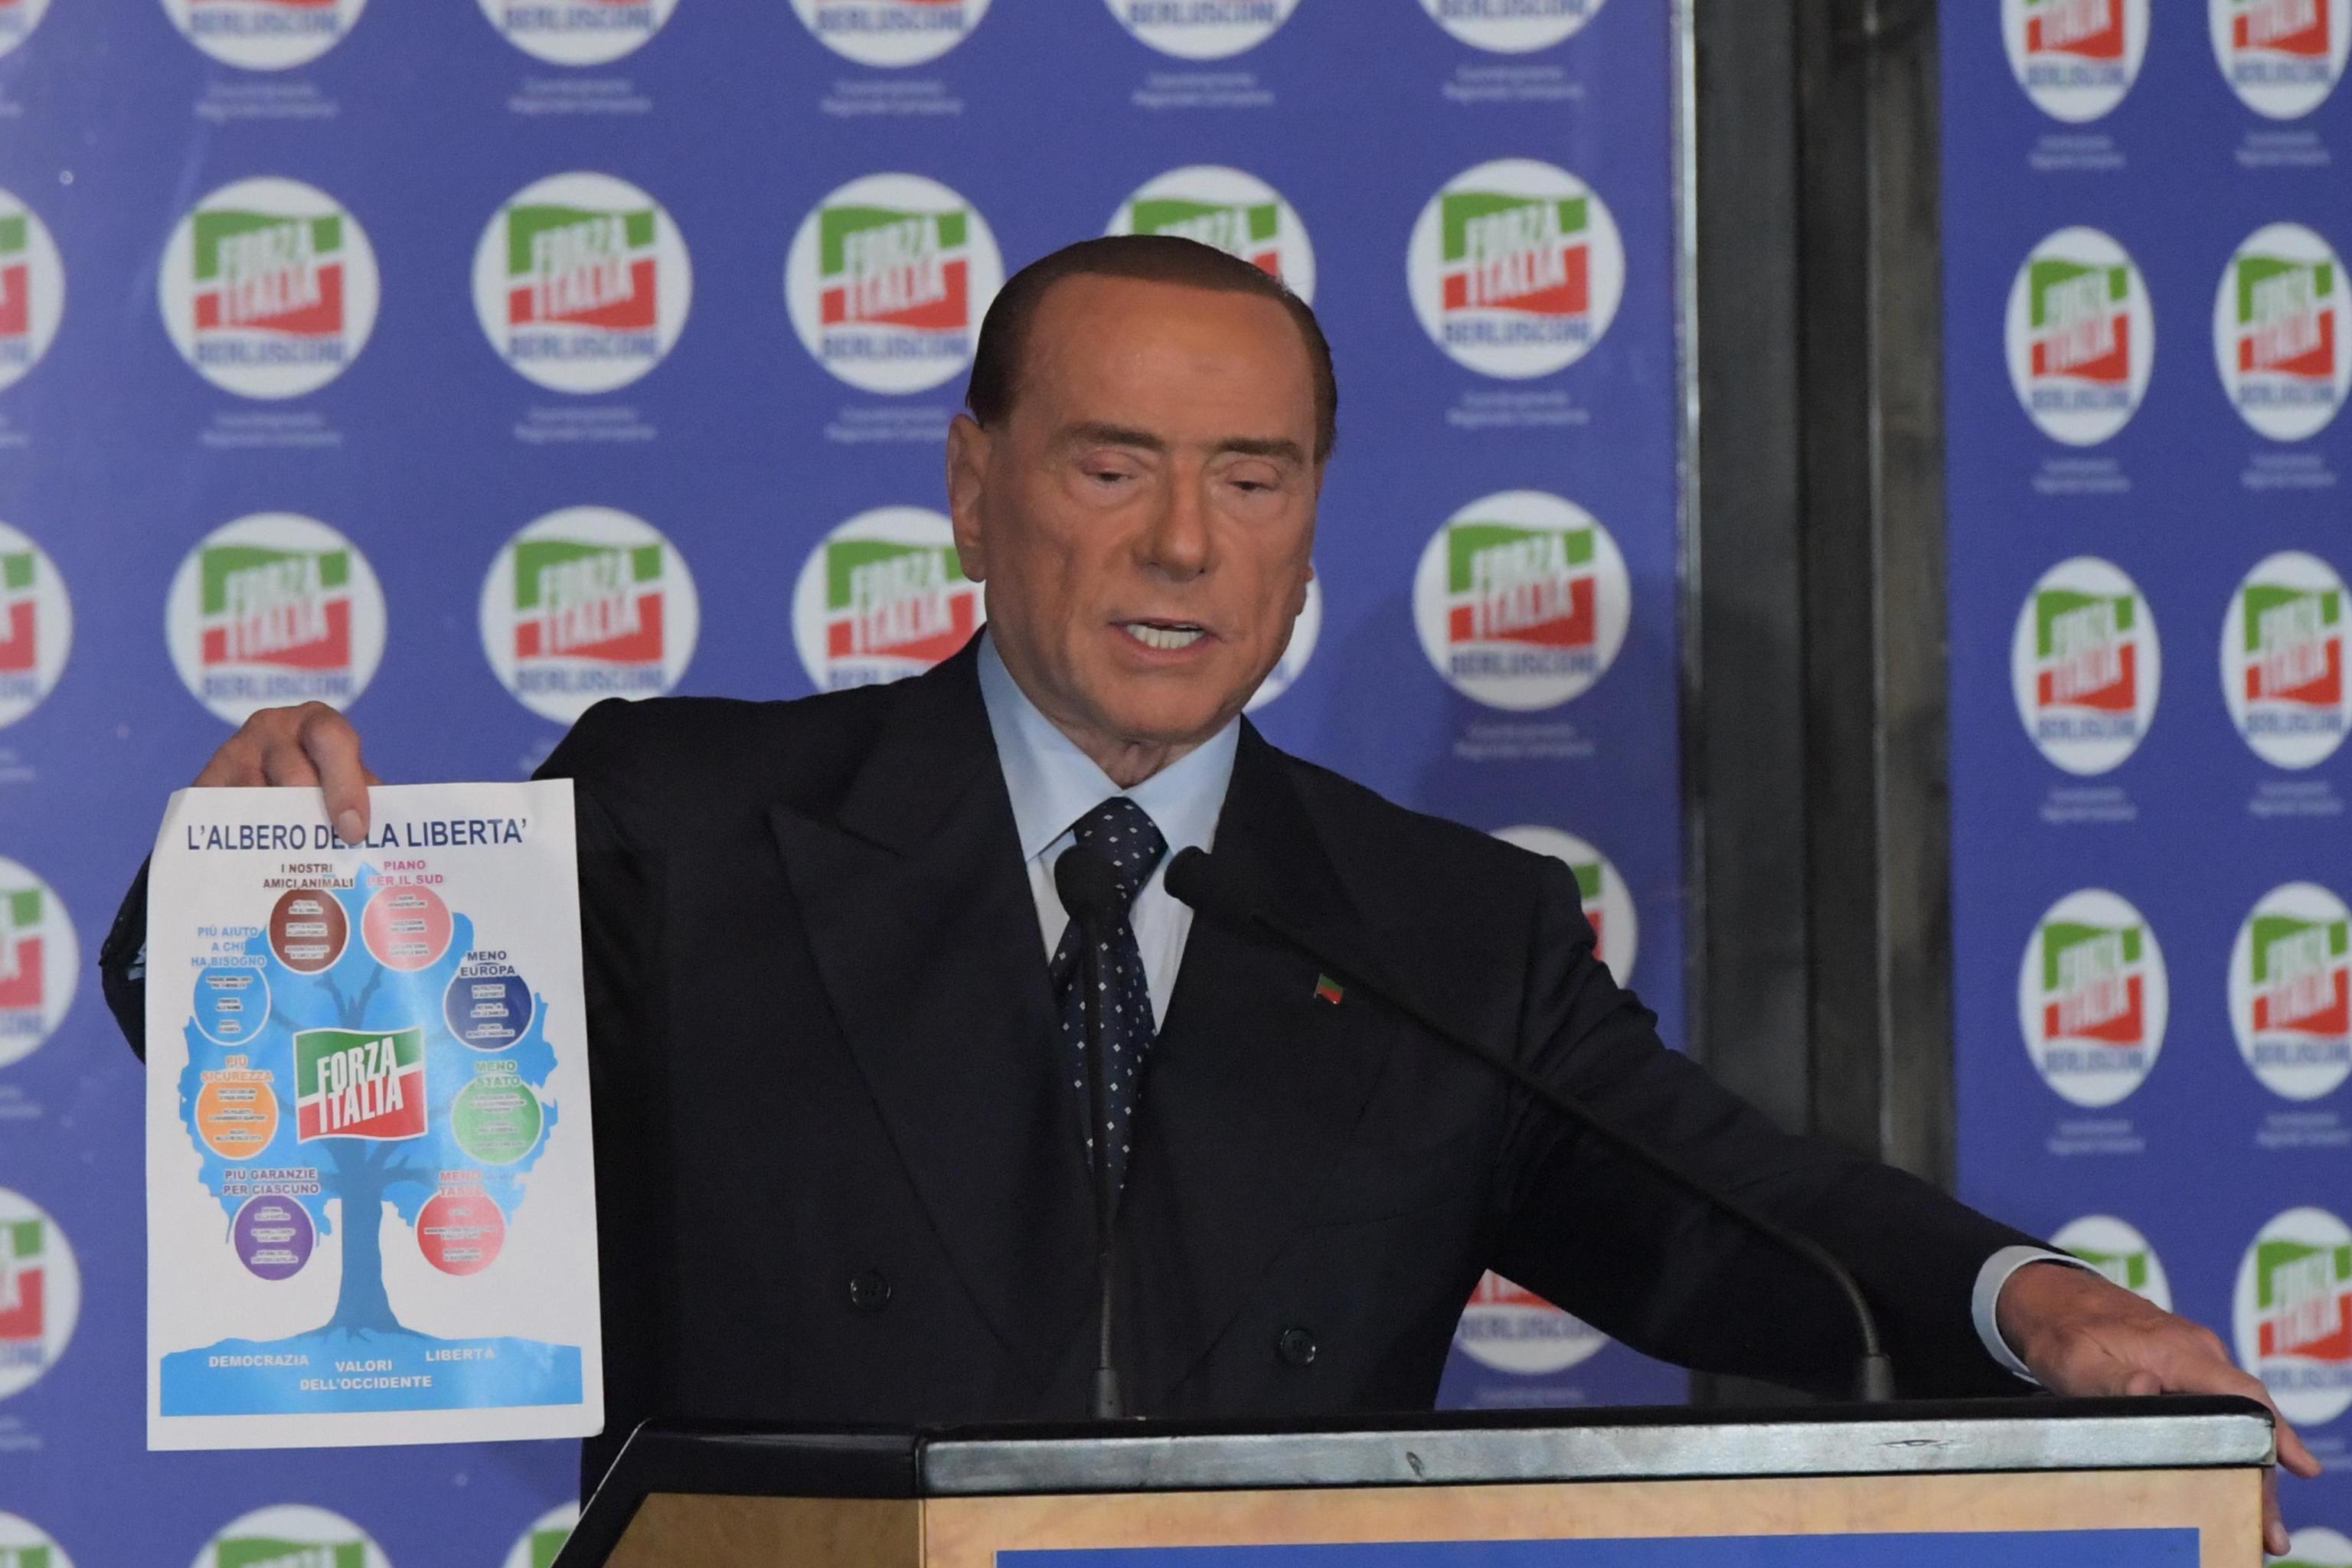 Berlusconi, programma politico Forza Italia: pensioni a mamme e diritti animali